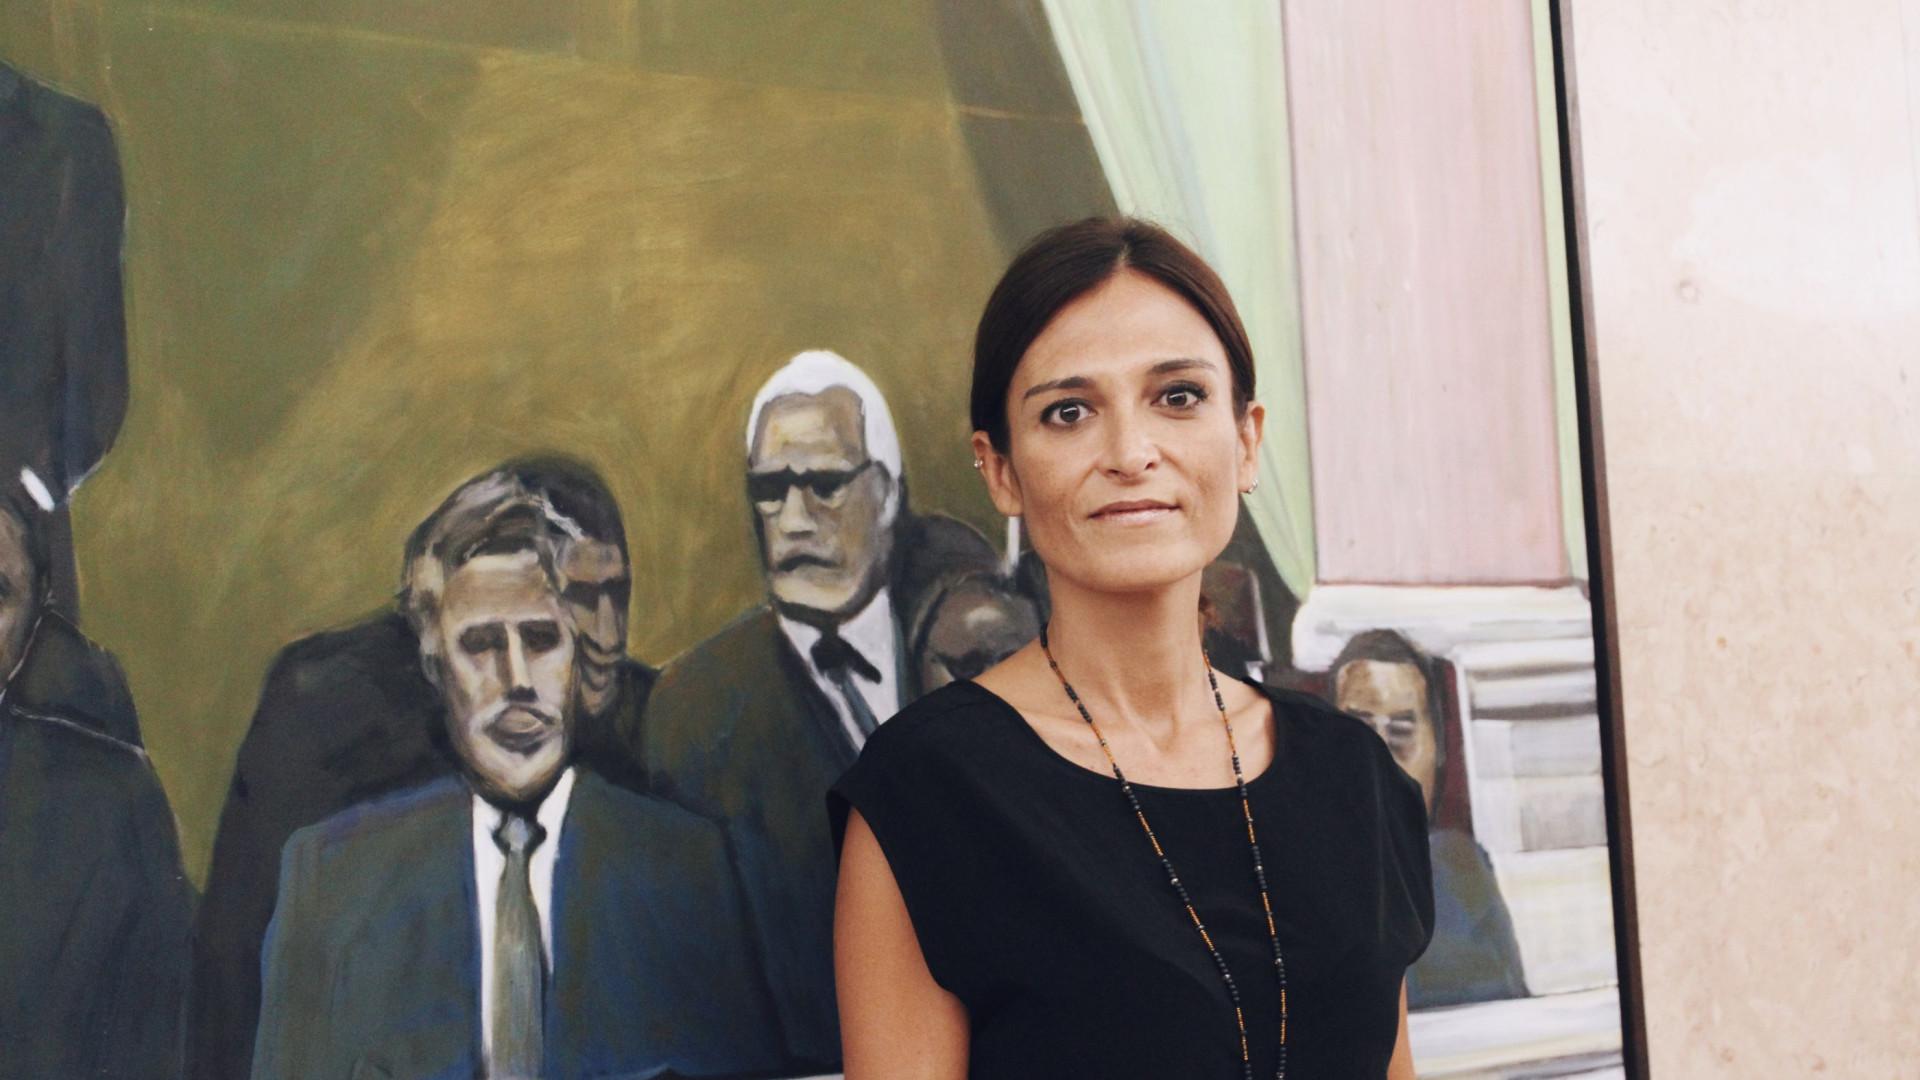 9142f7890 Isabel Moreira reagiu através das redes sociais às notícias de que o juiz  Neto de Moura quer processar figuras públicas que tenham, no seu entender,  ...